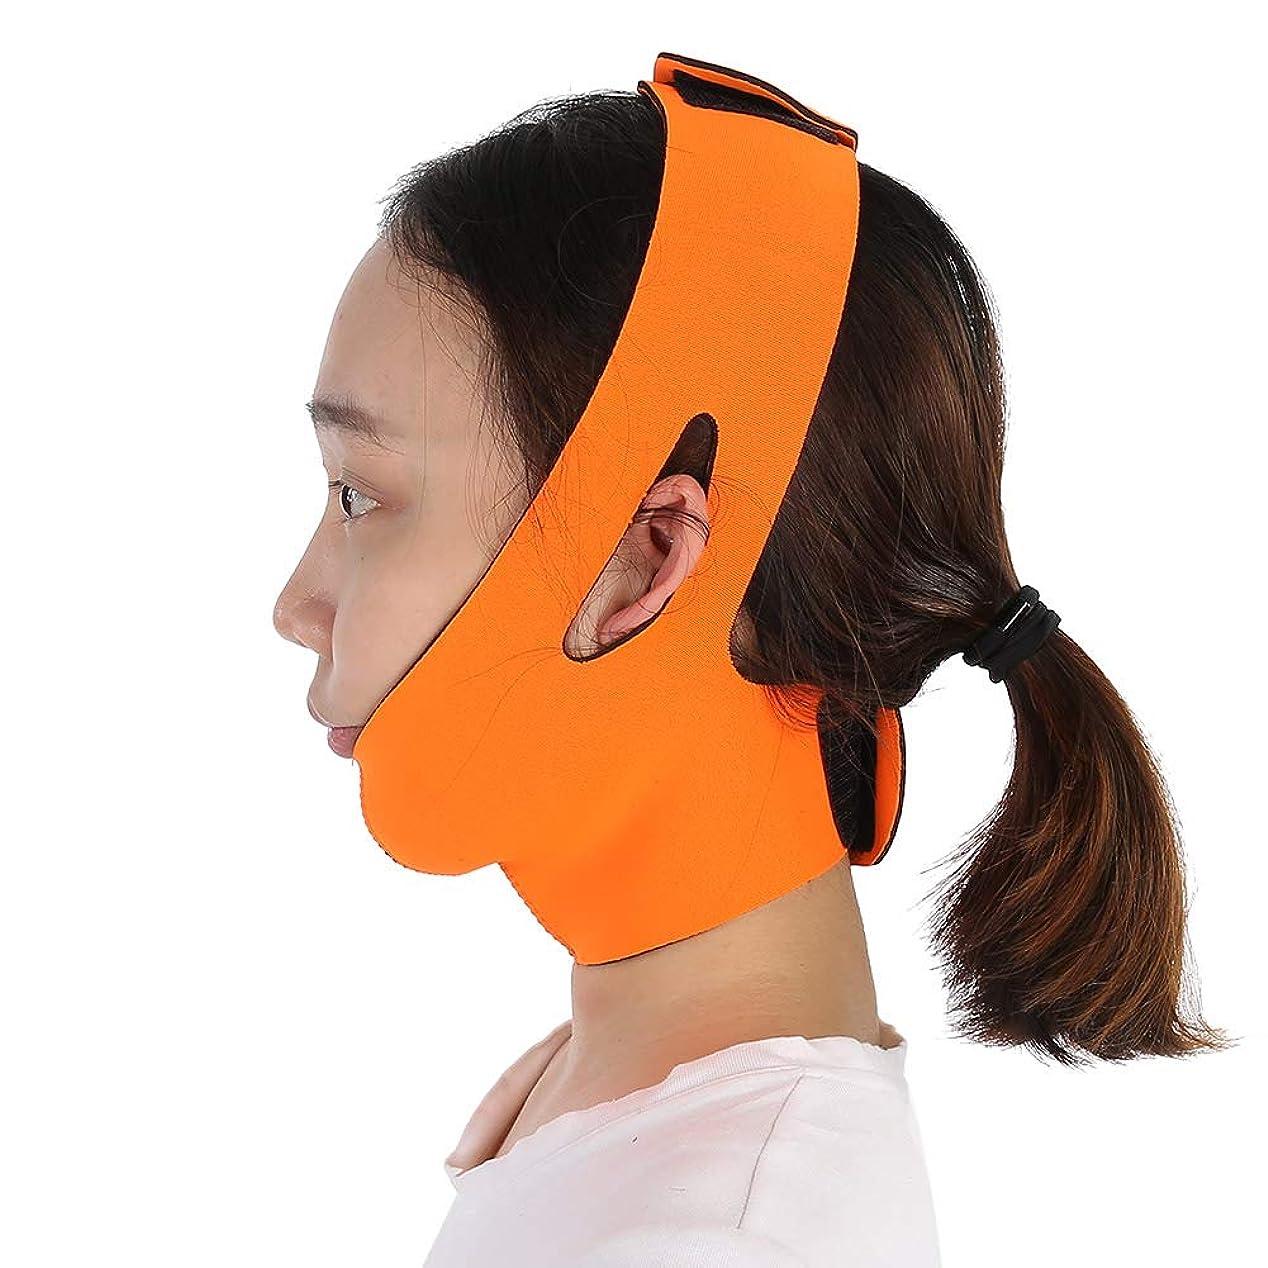 滅びる自分のためにテーブルを設定するフェイススリミングベルト - 女性の顔スリムバンデージマスクVラインチンチークフェイスリフトアンチリンクルベルト、1枚 (Color : Orange)